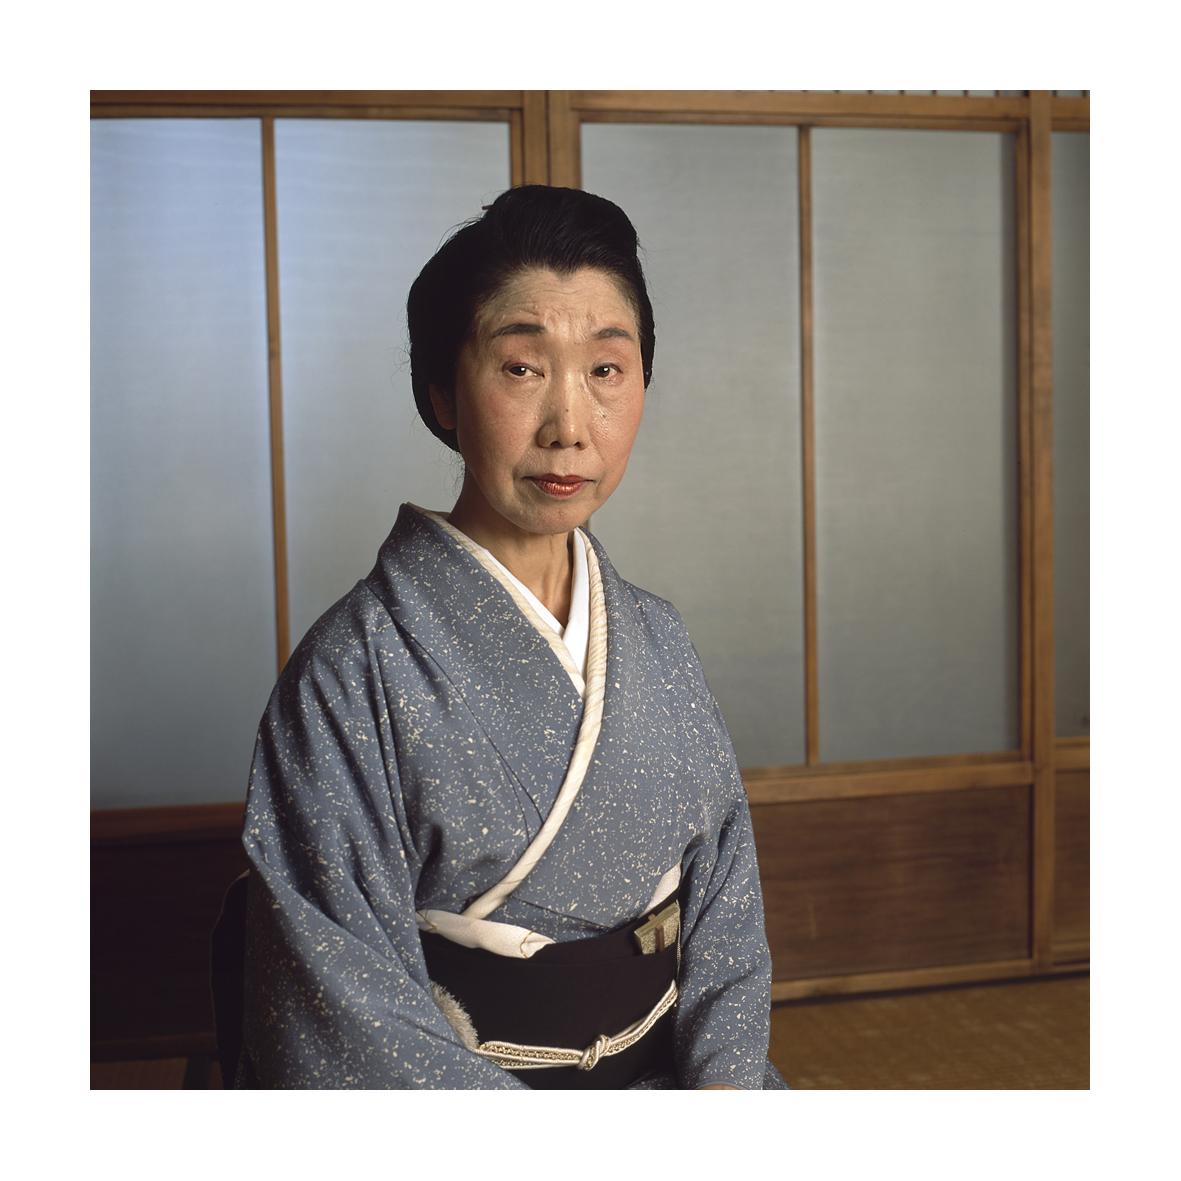 Madame Yamamura Rokusho, danseuse, dans une auberge, Kyoto, 2017